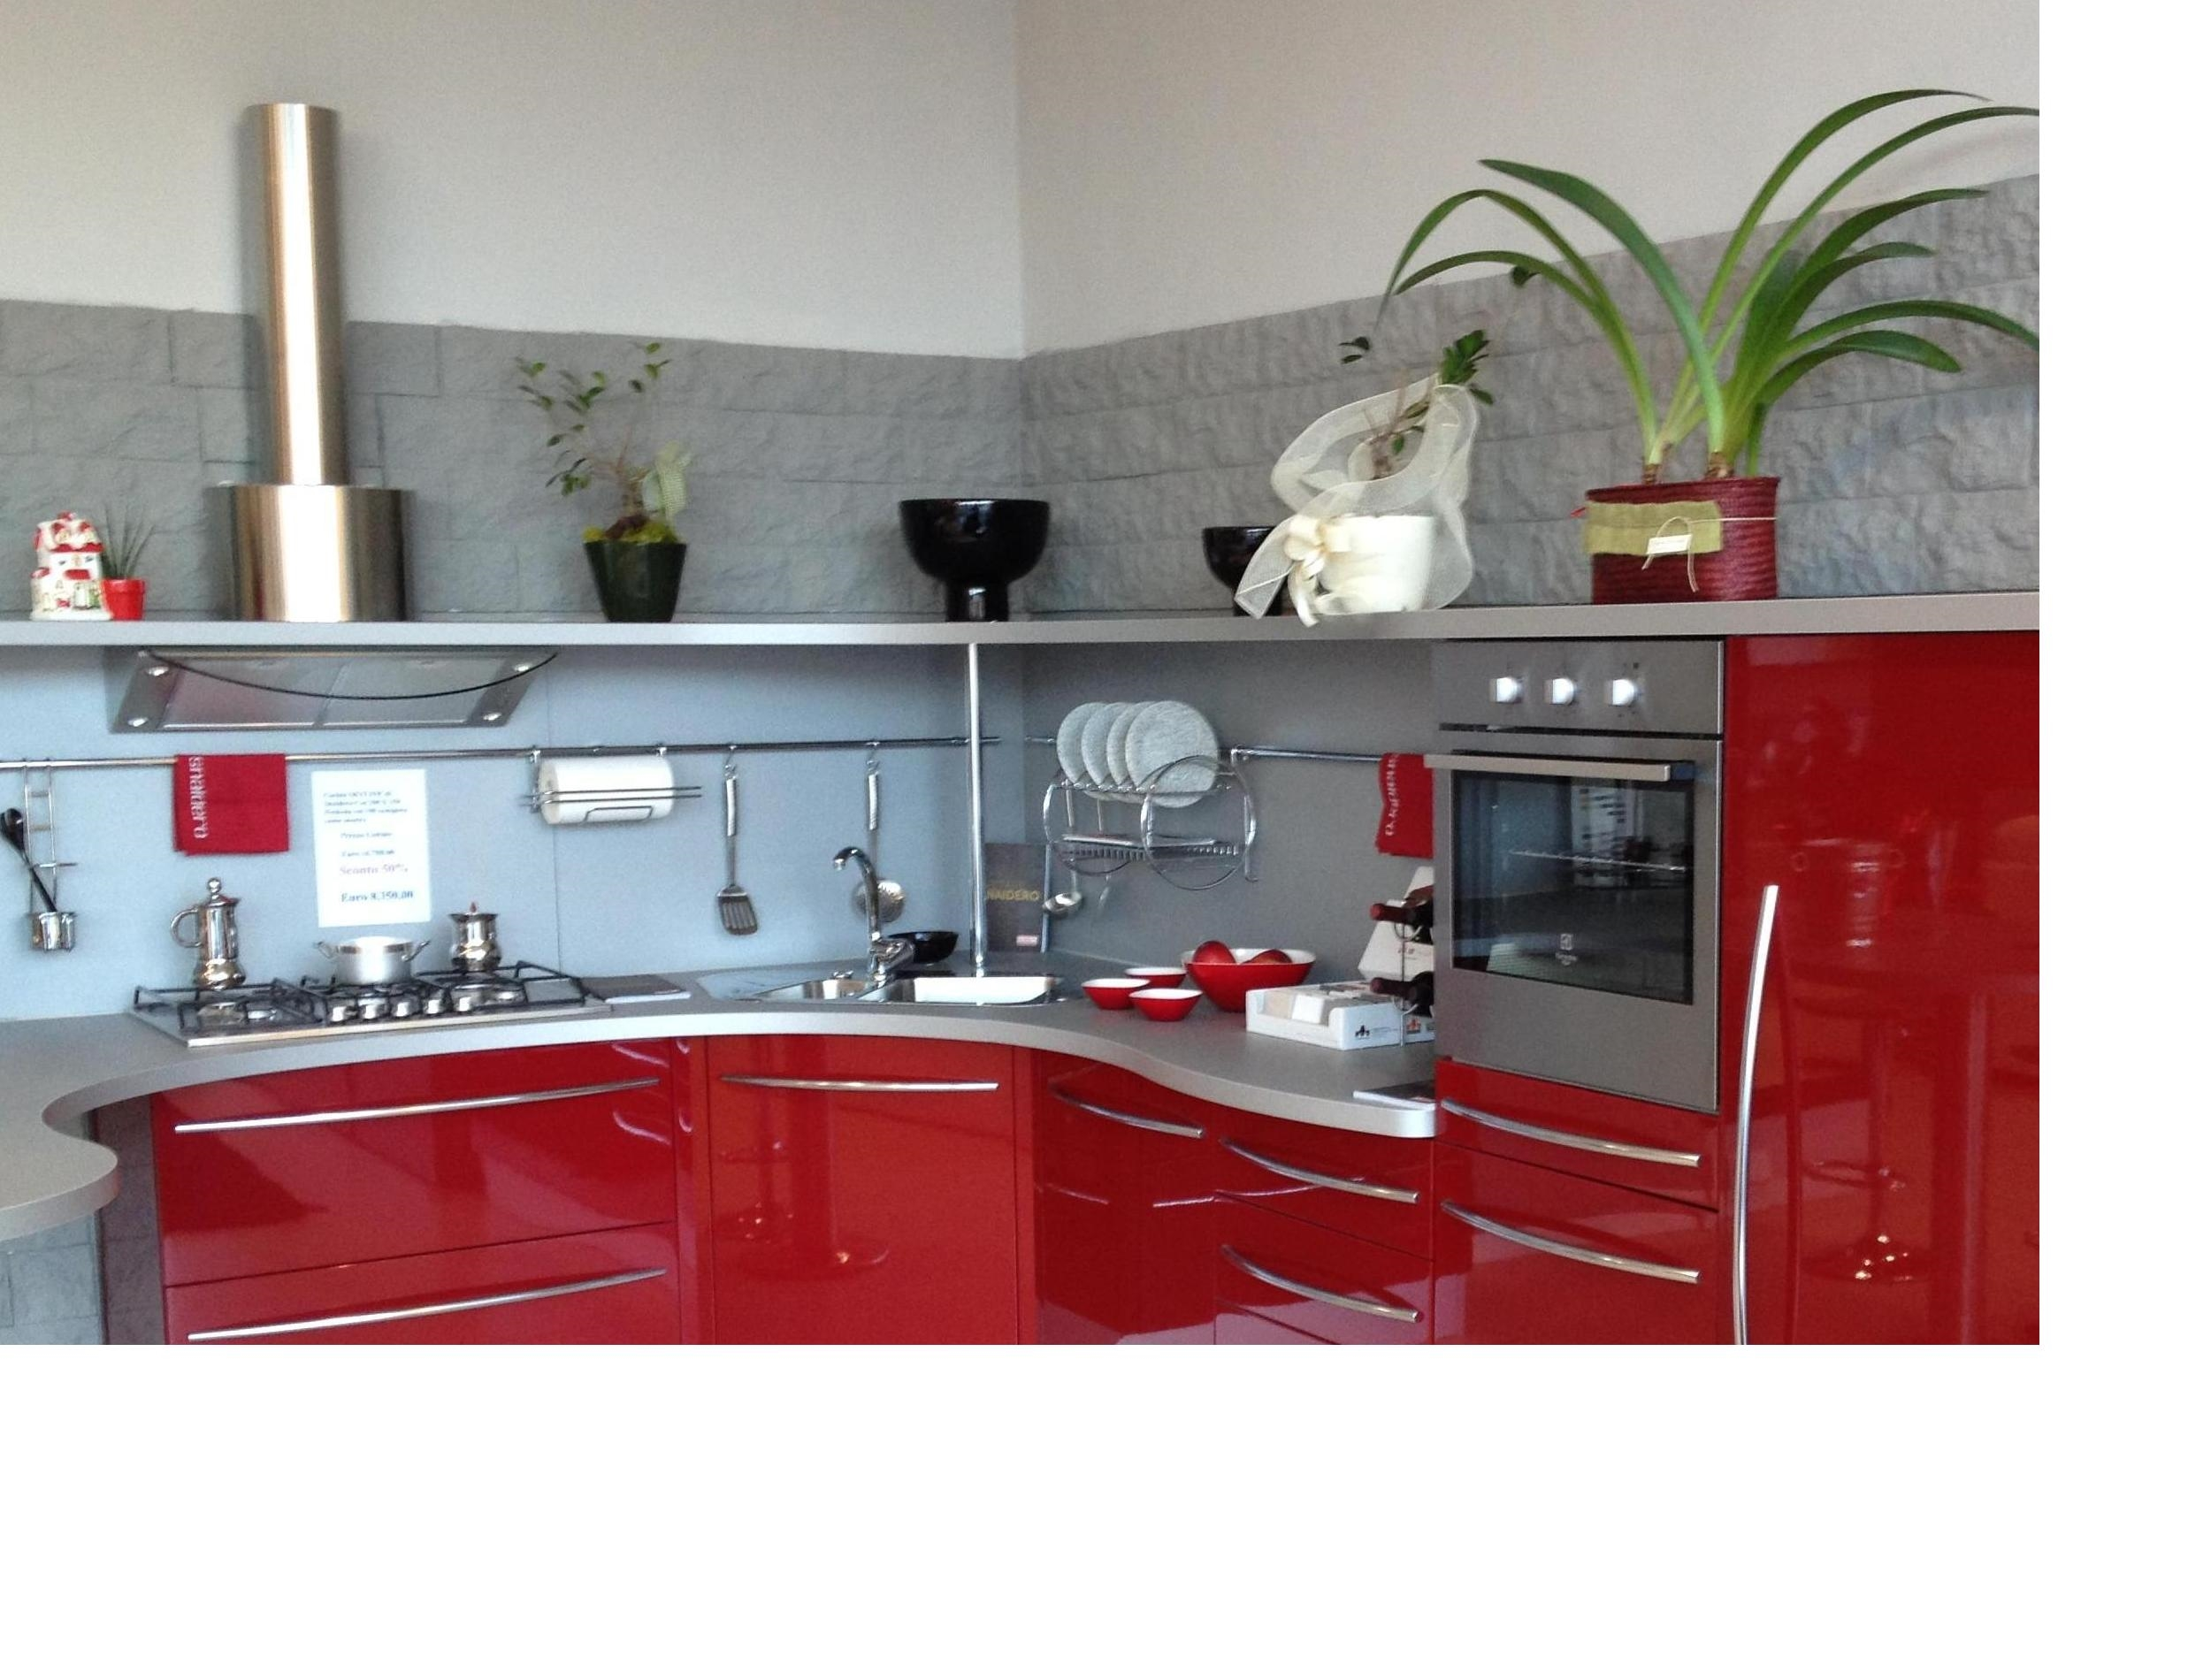 Cucina Snaidero Skyline Scontato Del  54 % Cucine A Prezzi Scontati #86181F 2500 1900 Quanto è Alto Il Top Della Cucina